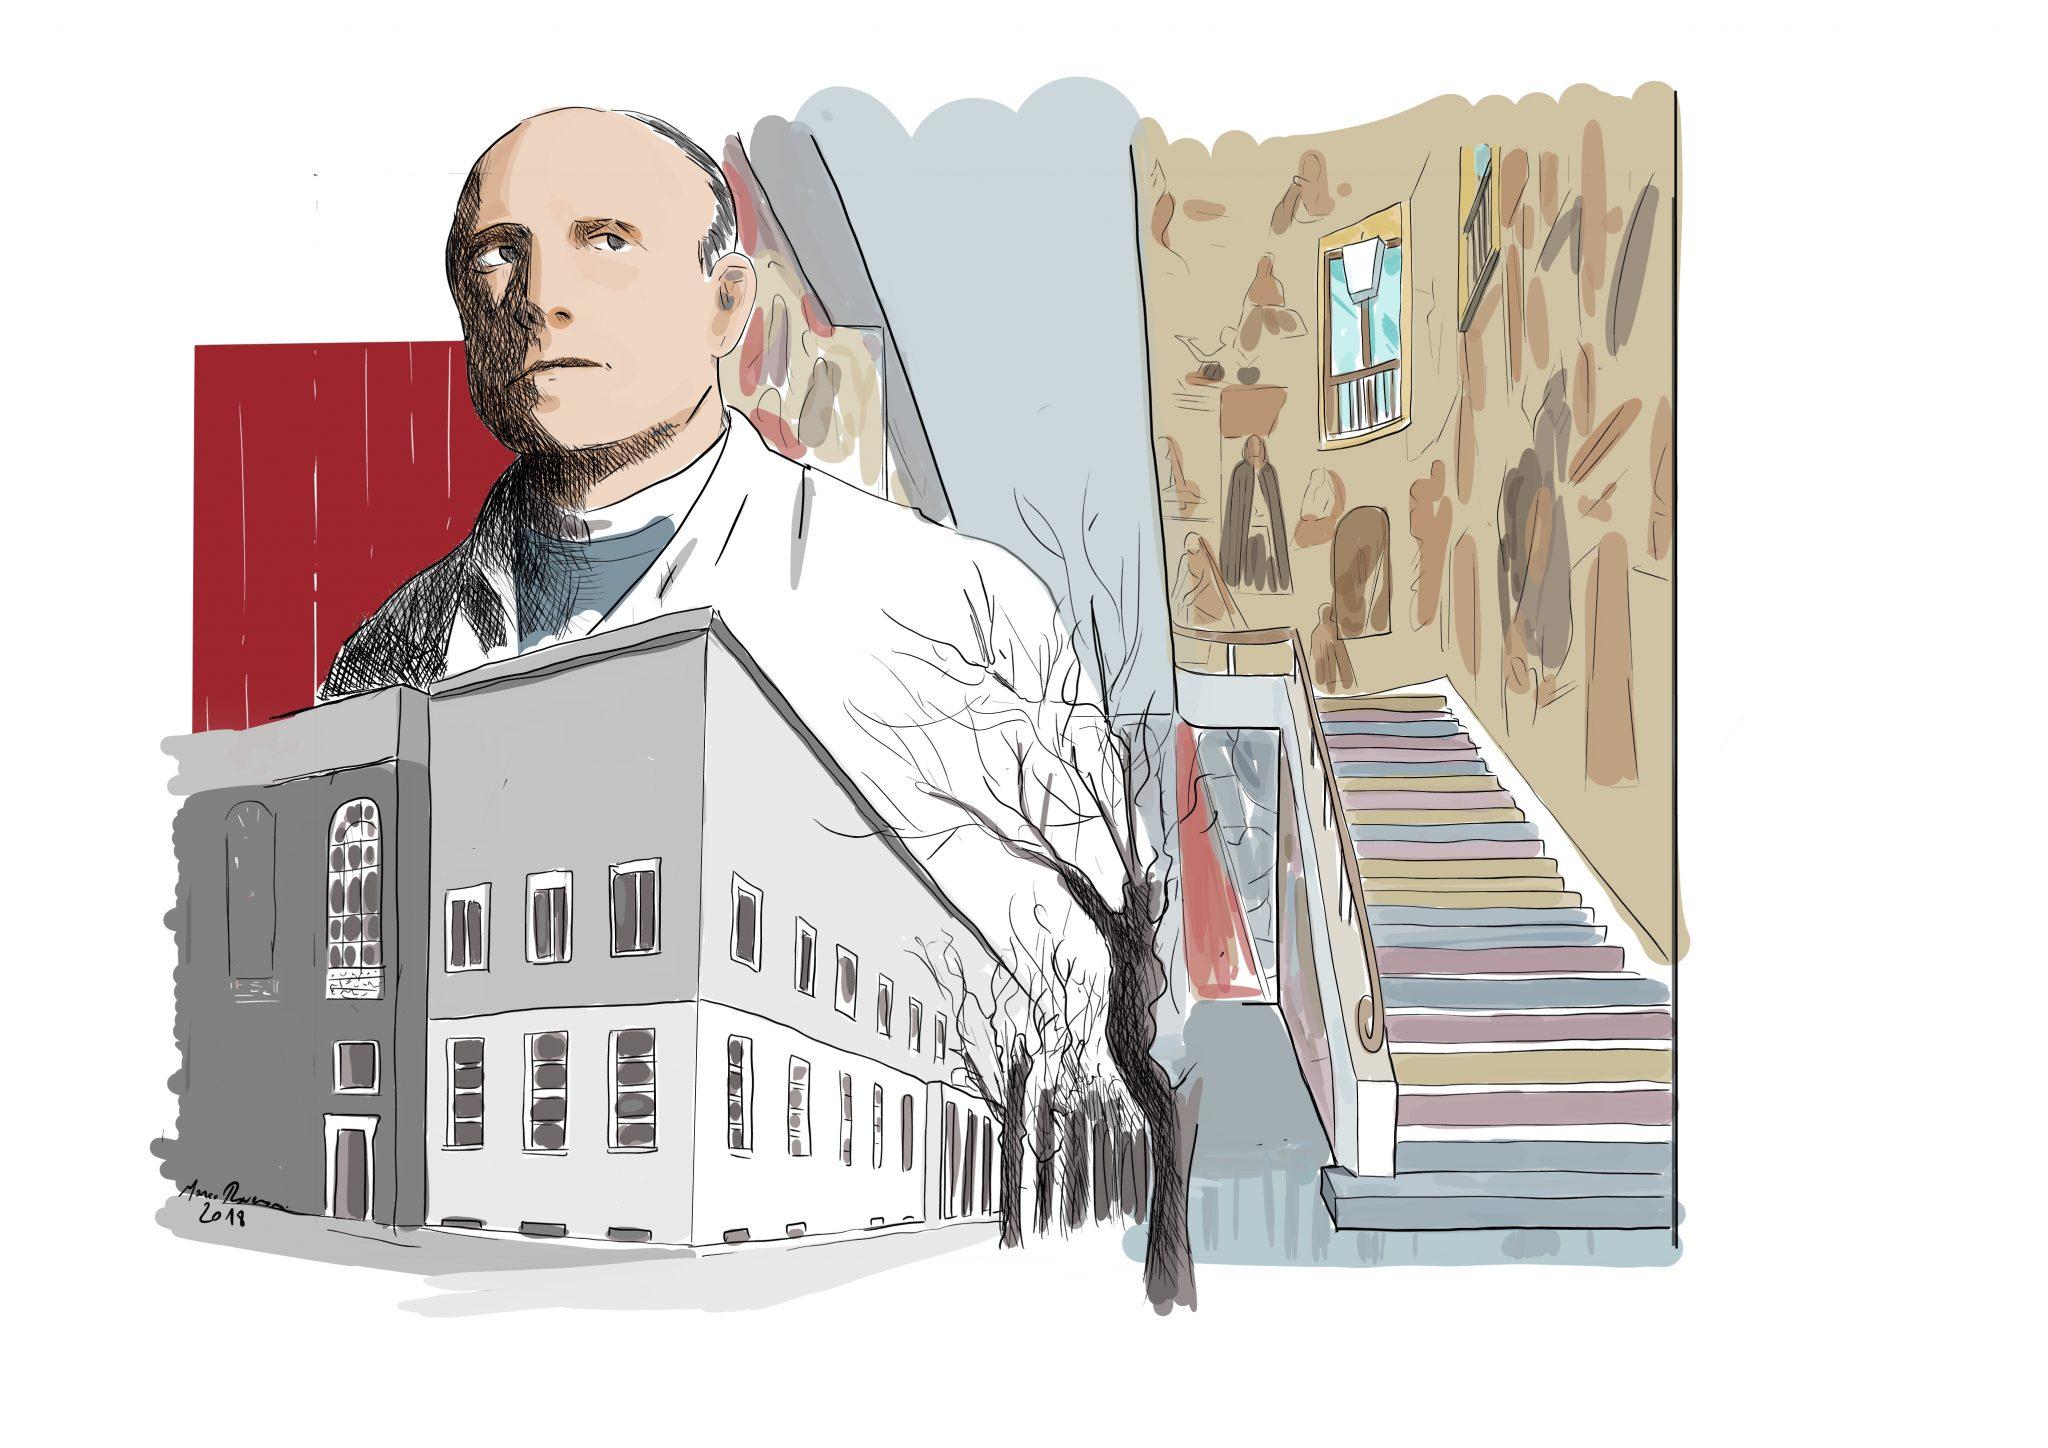 Carlo Anti, Liviano e Palazzo Bo